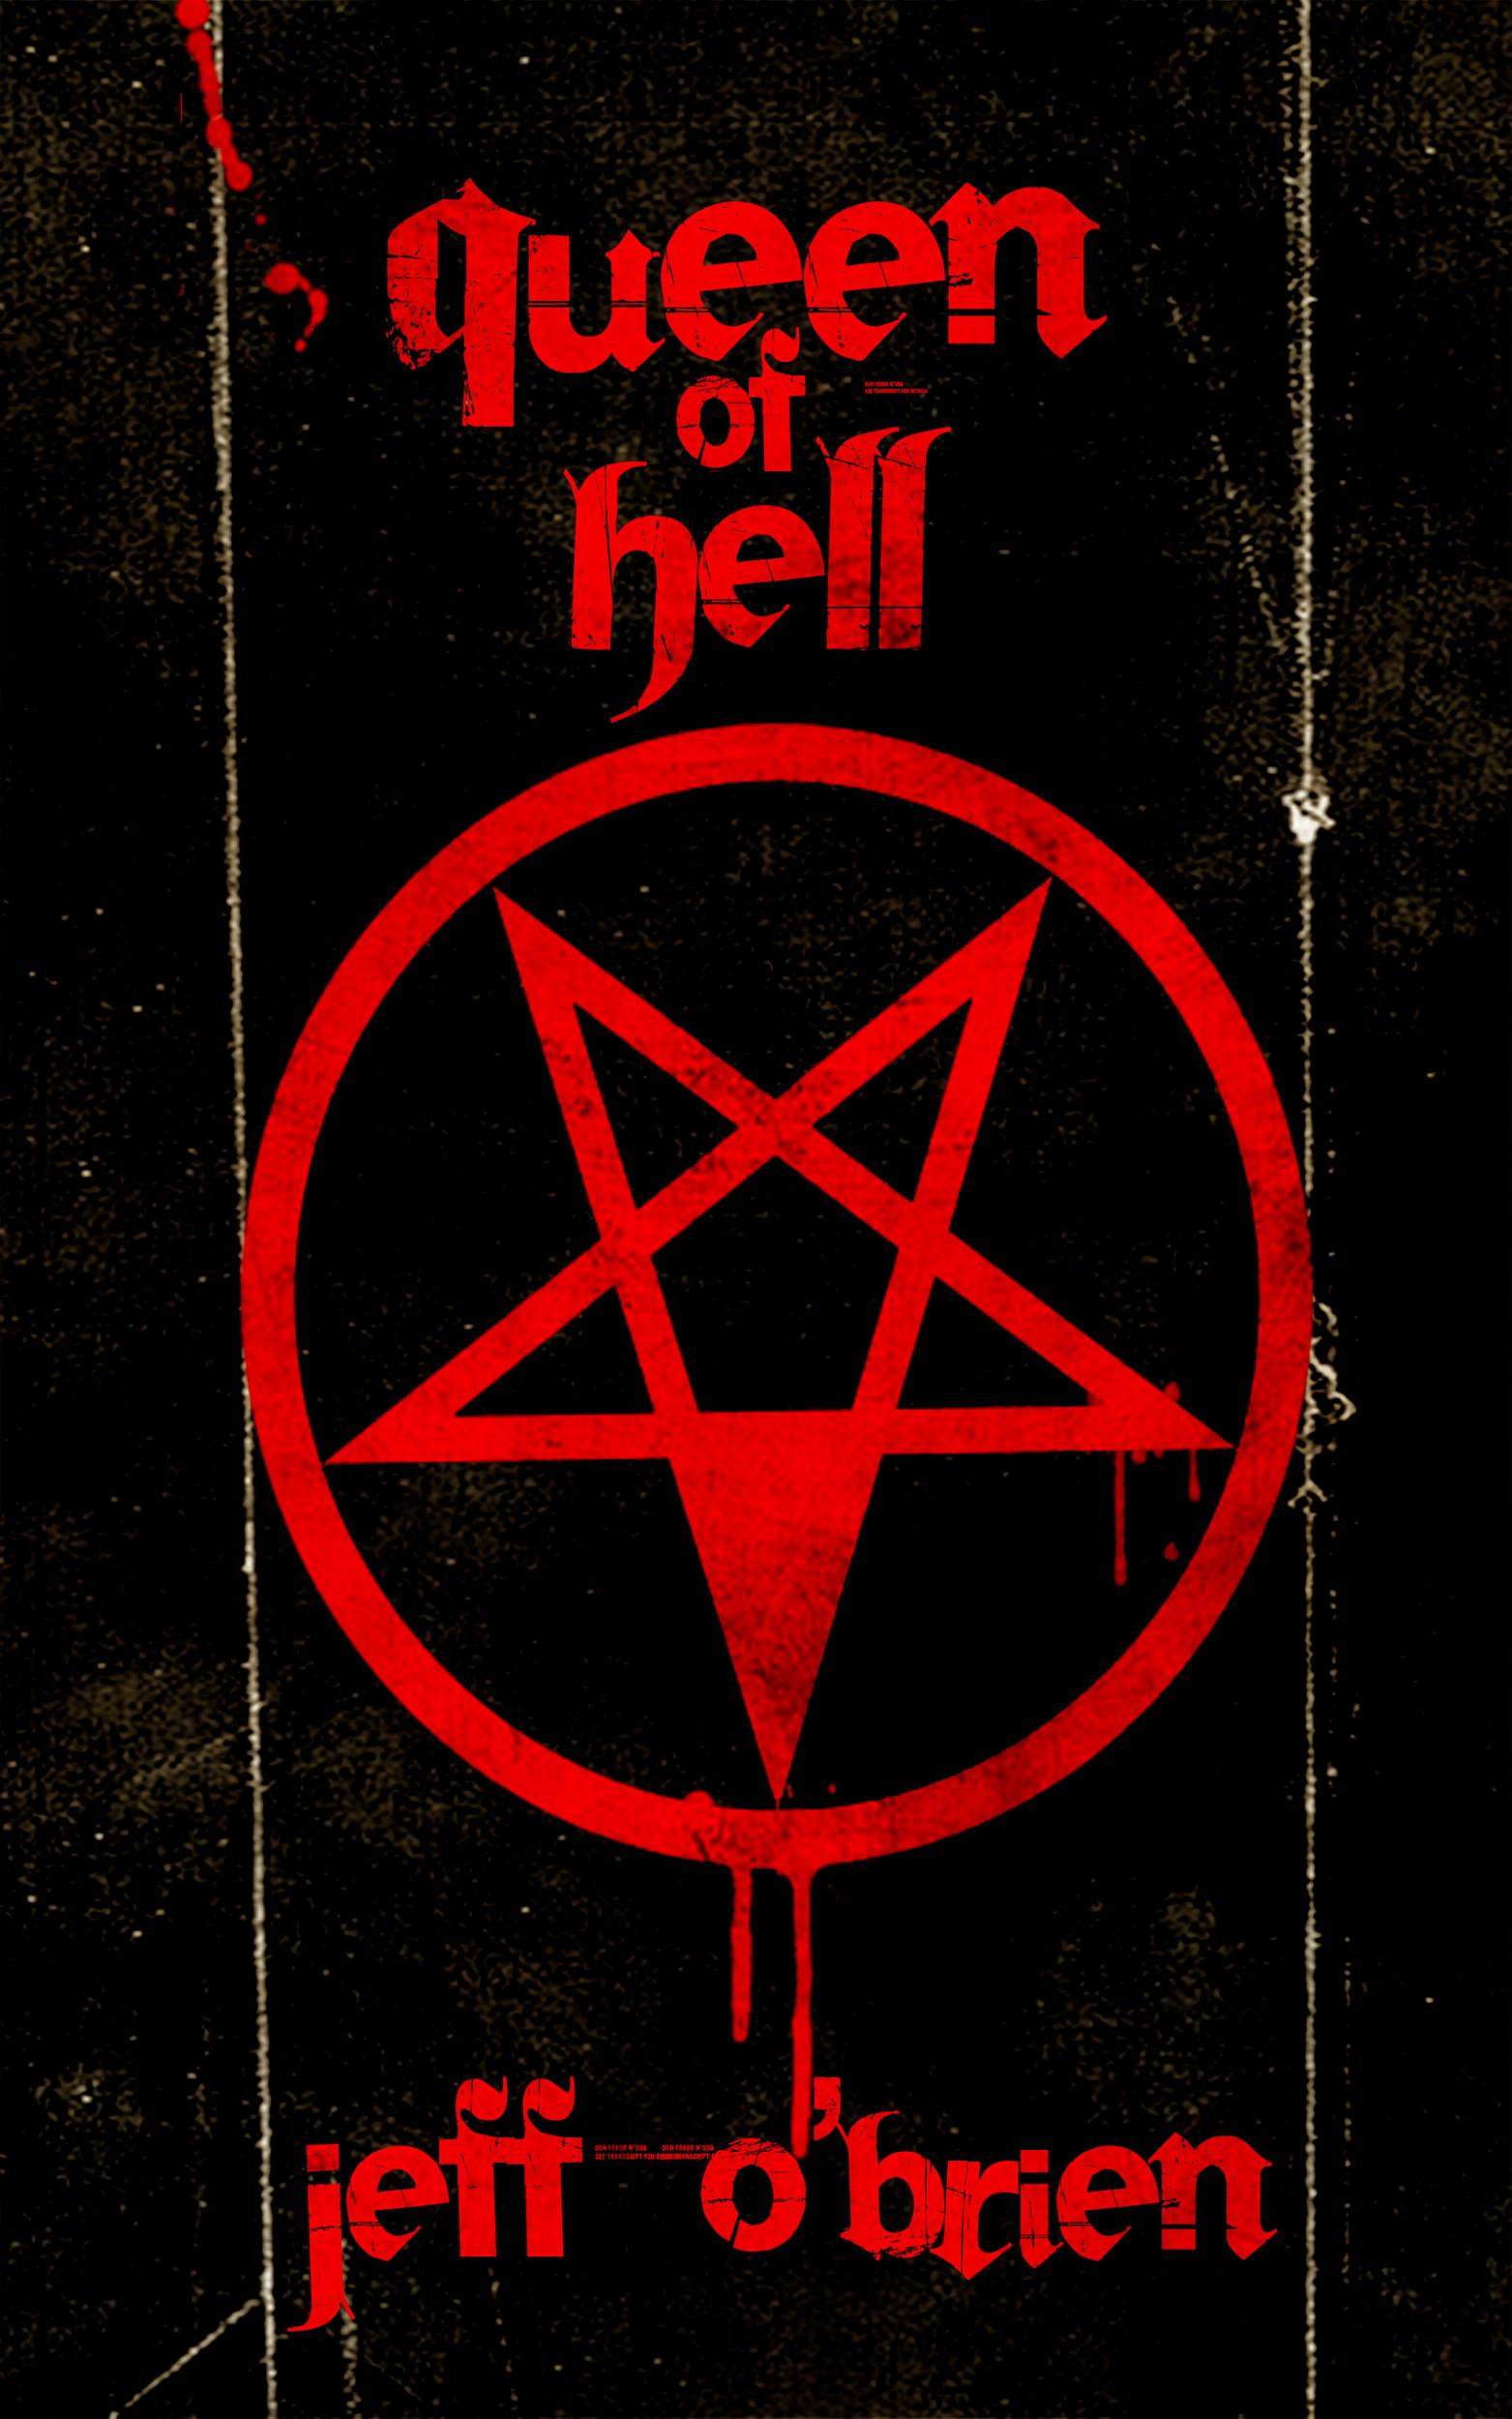 Queen of Hell Jeff    OBrien